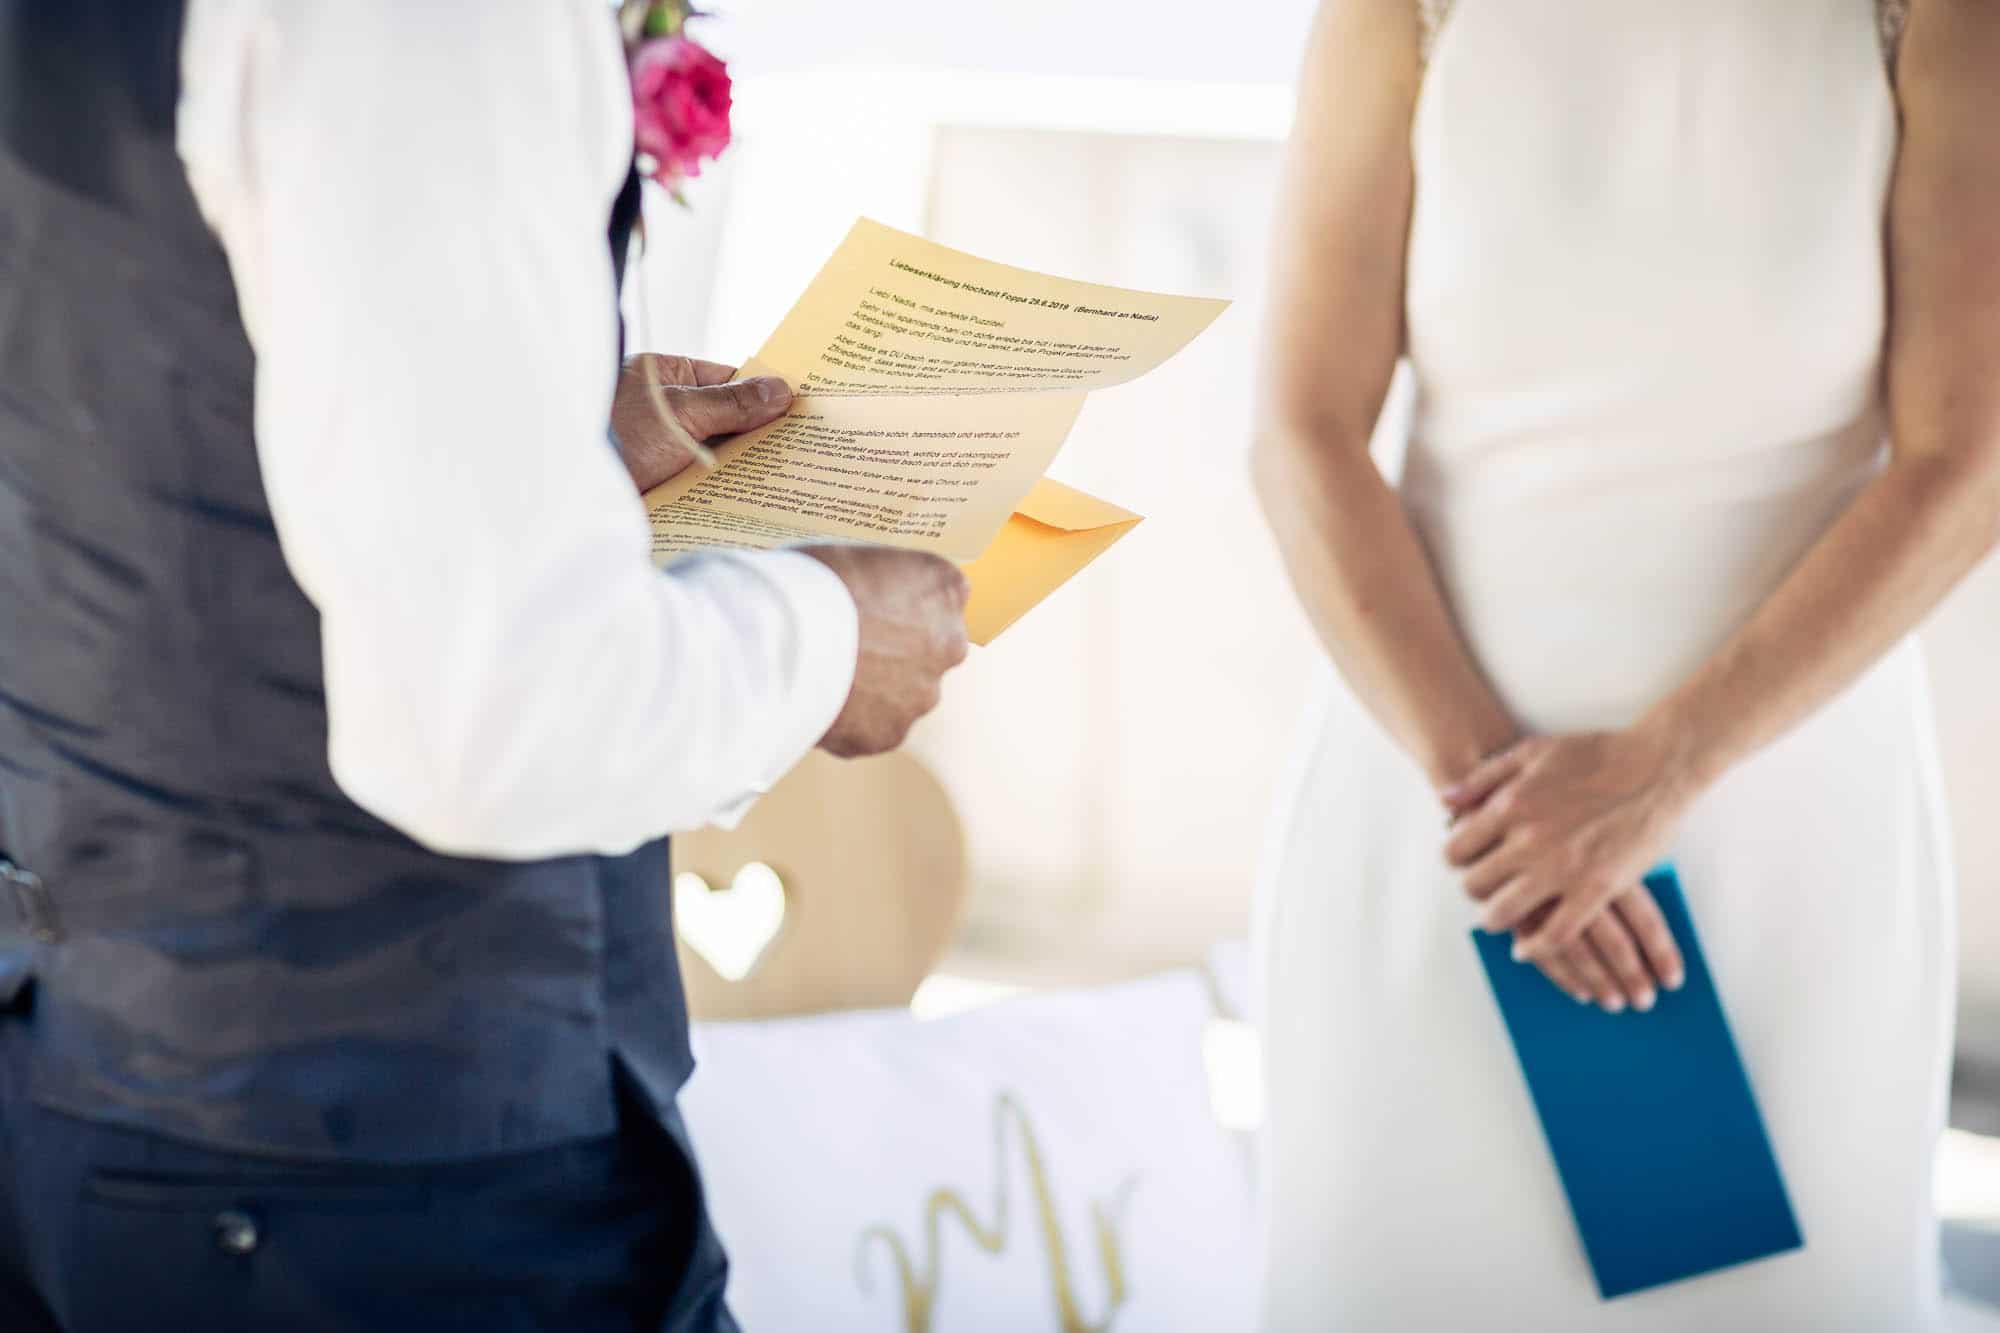 Detail persönliche Notizen Eheversprechen